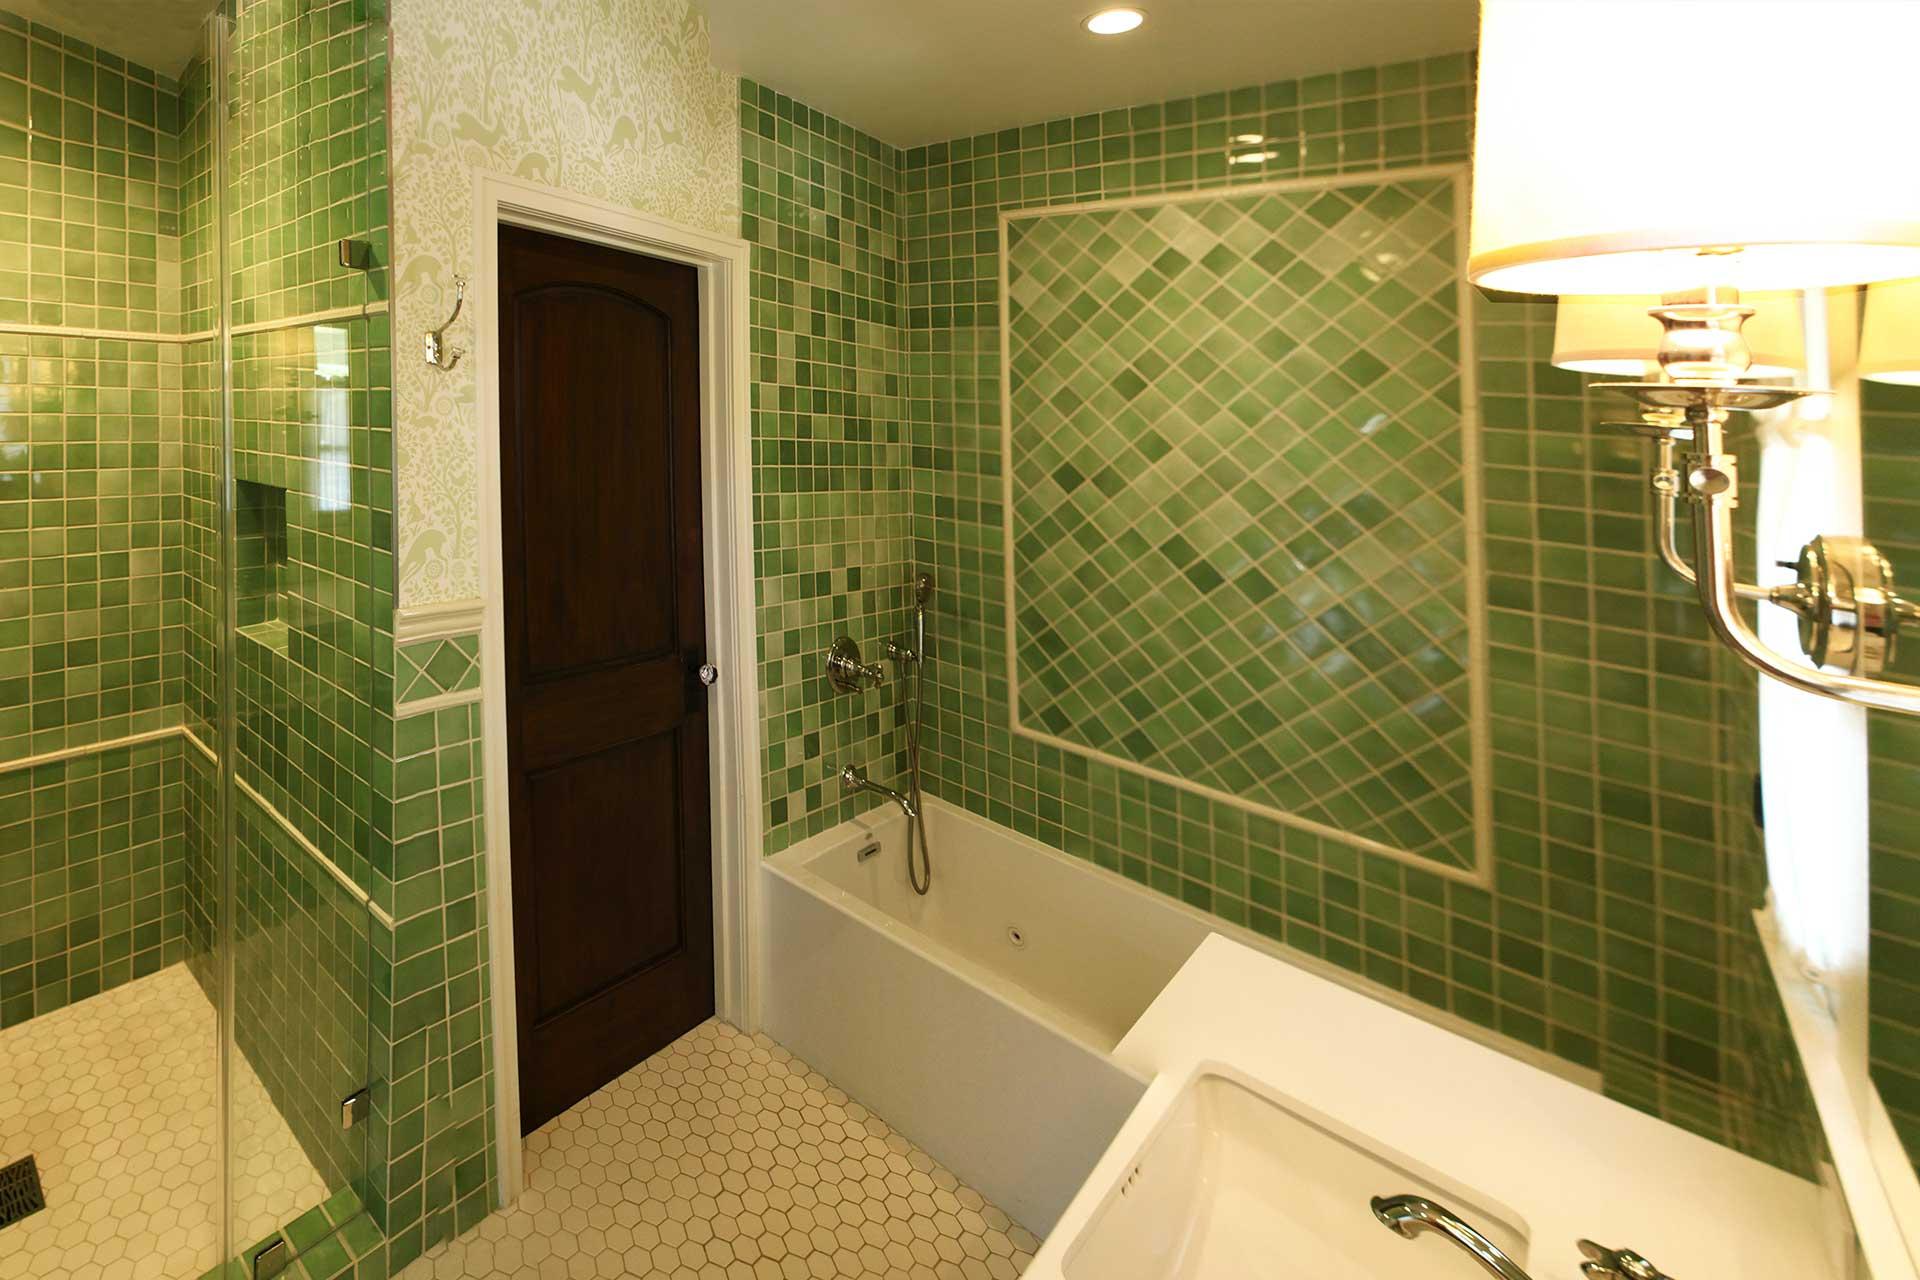 Lucerne Bathroom Remodel